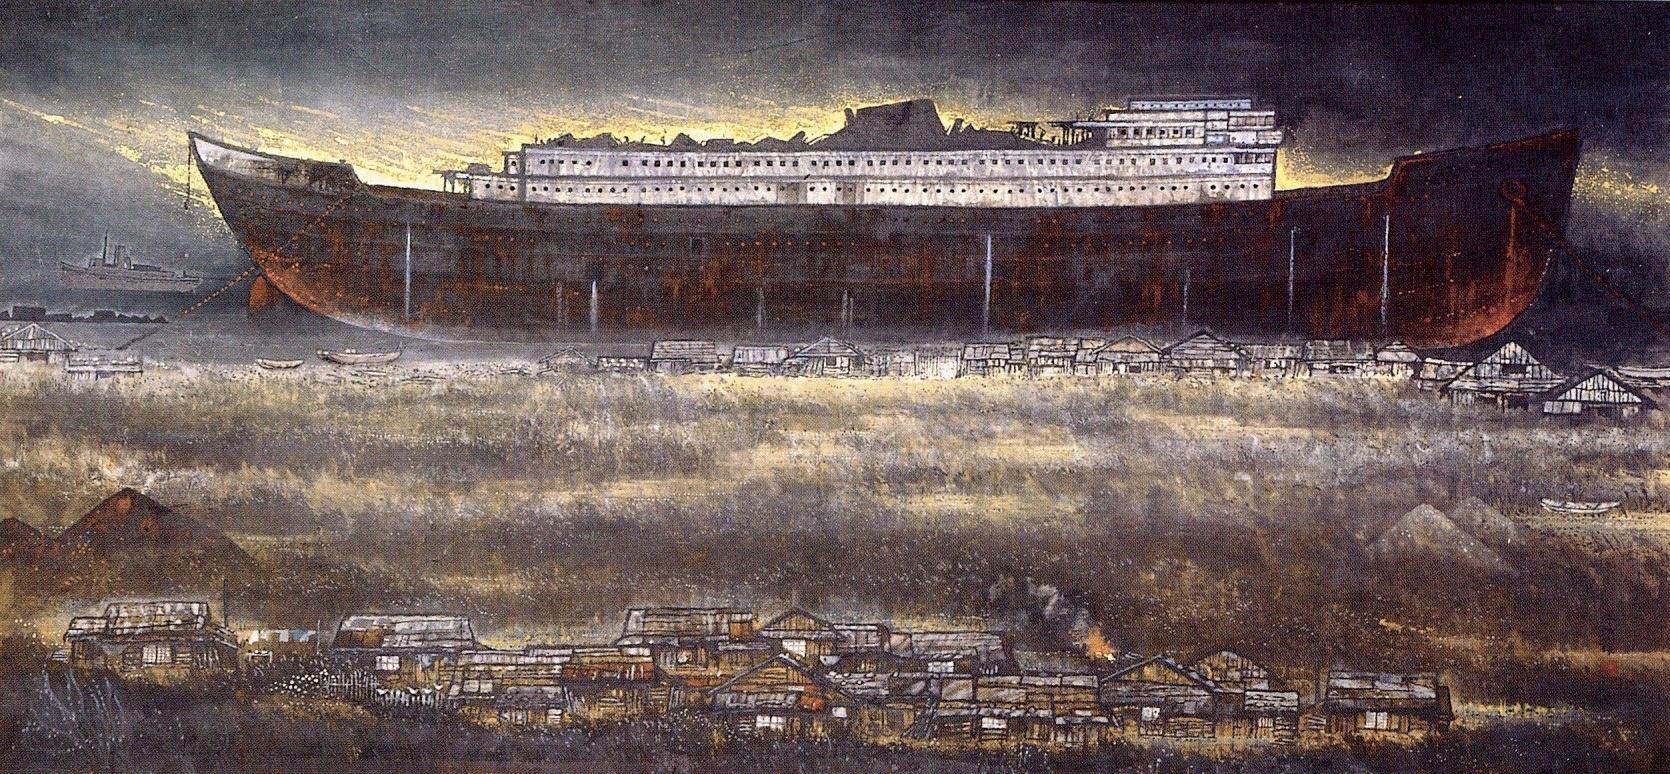 《廃船》昭和44(1969)年頃 京都国立近代美術館蔵